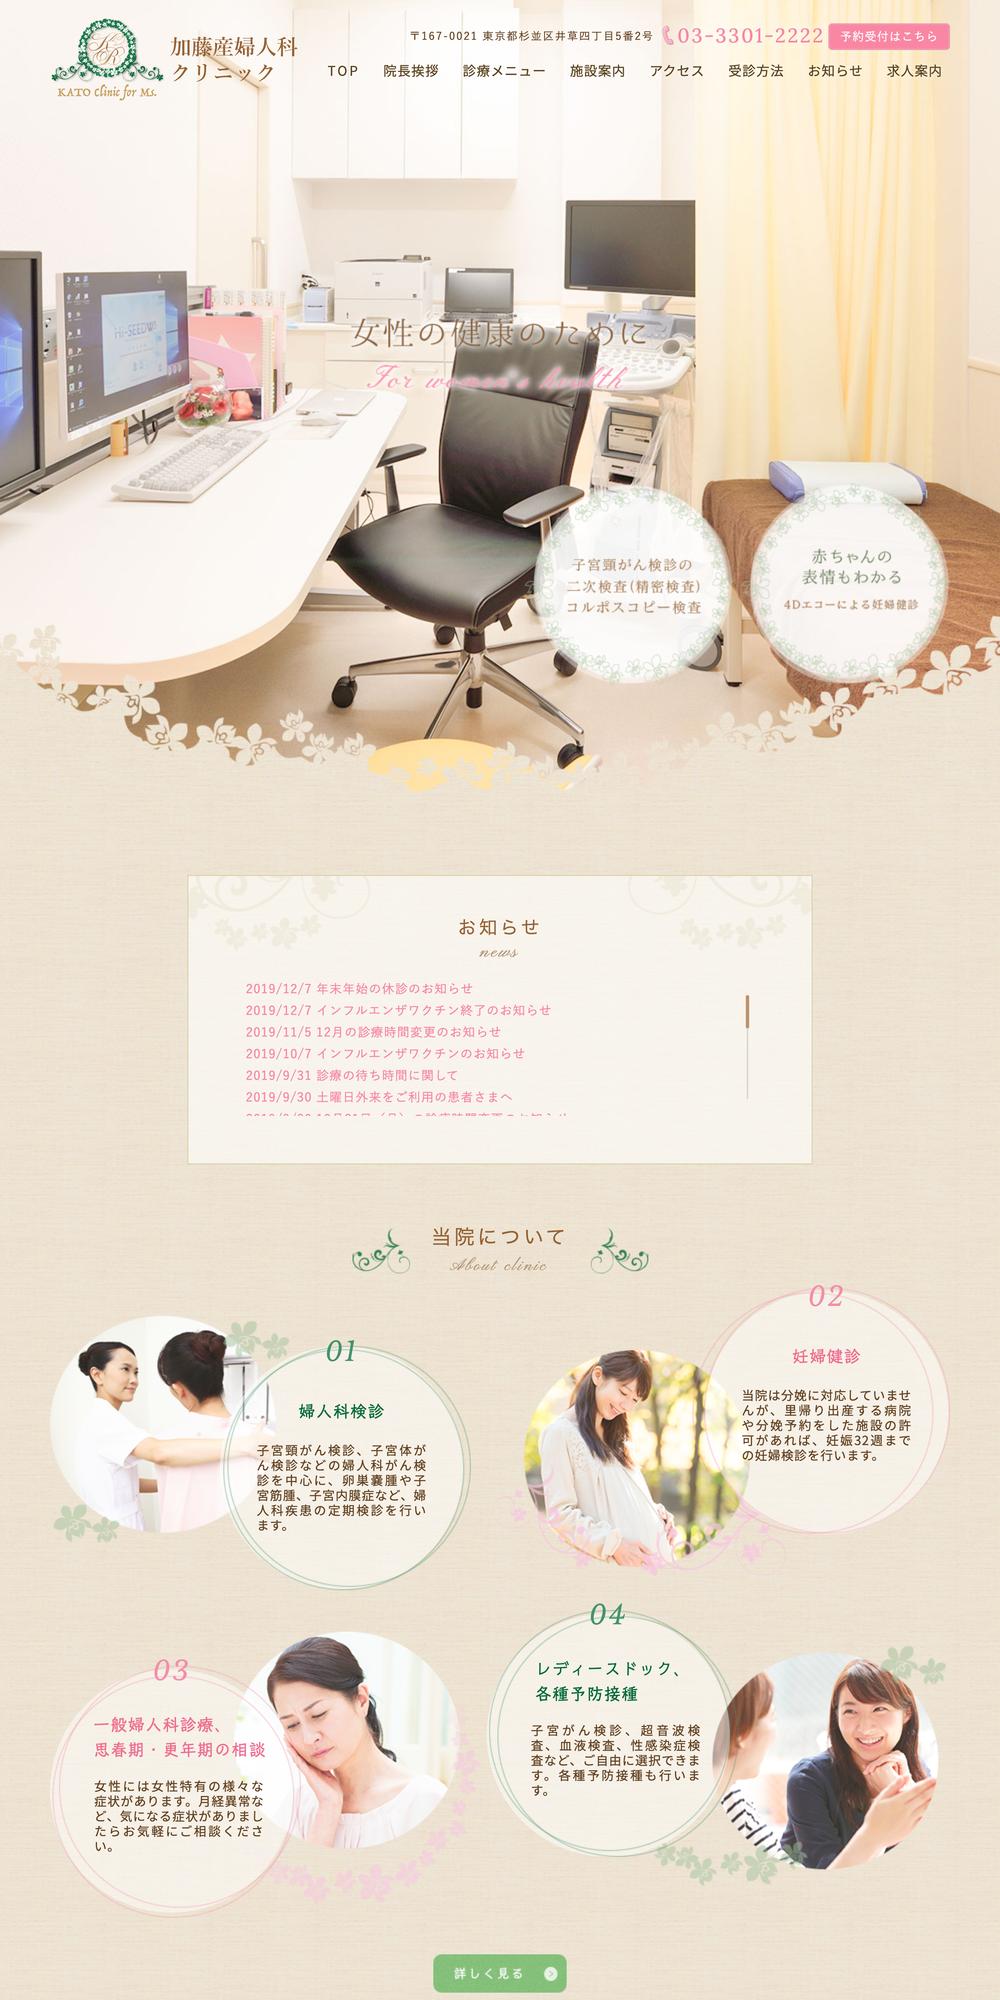 病院 クリニック おしゃれまとめの人気アイデア Pinterest Taro Sanko Lp デザイン クリニック 病院